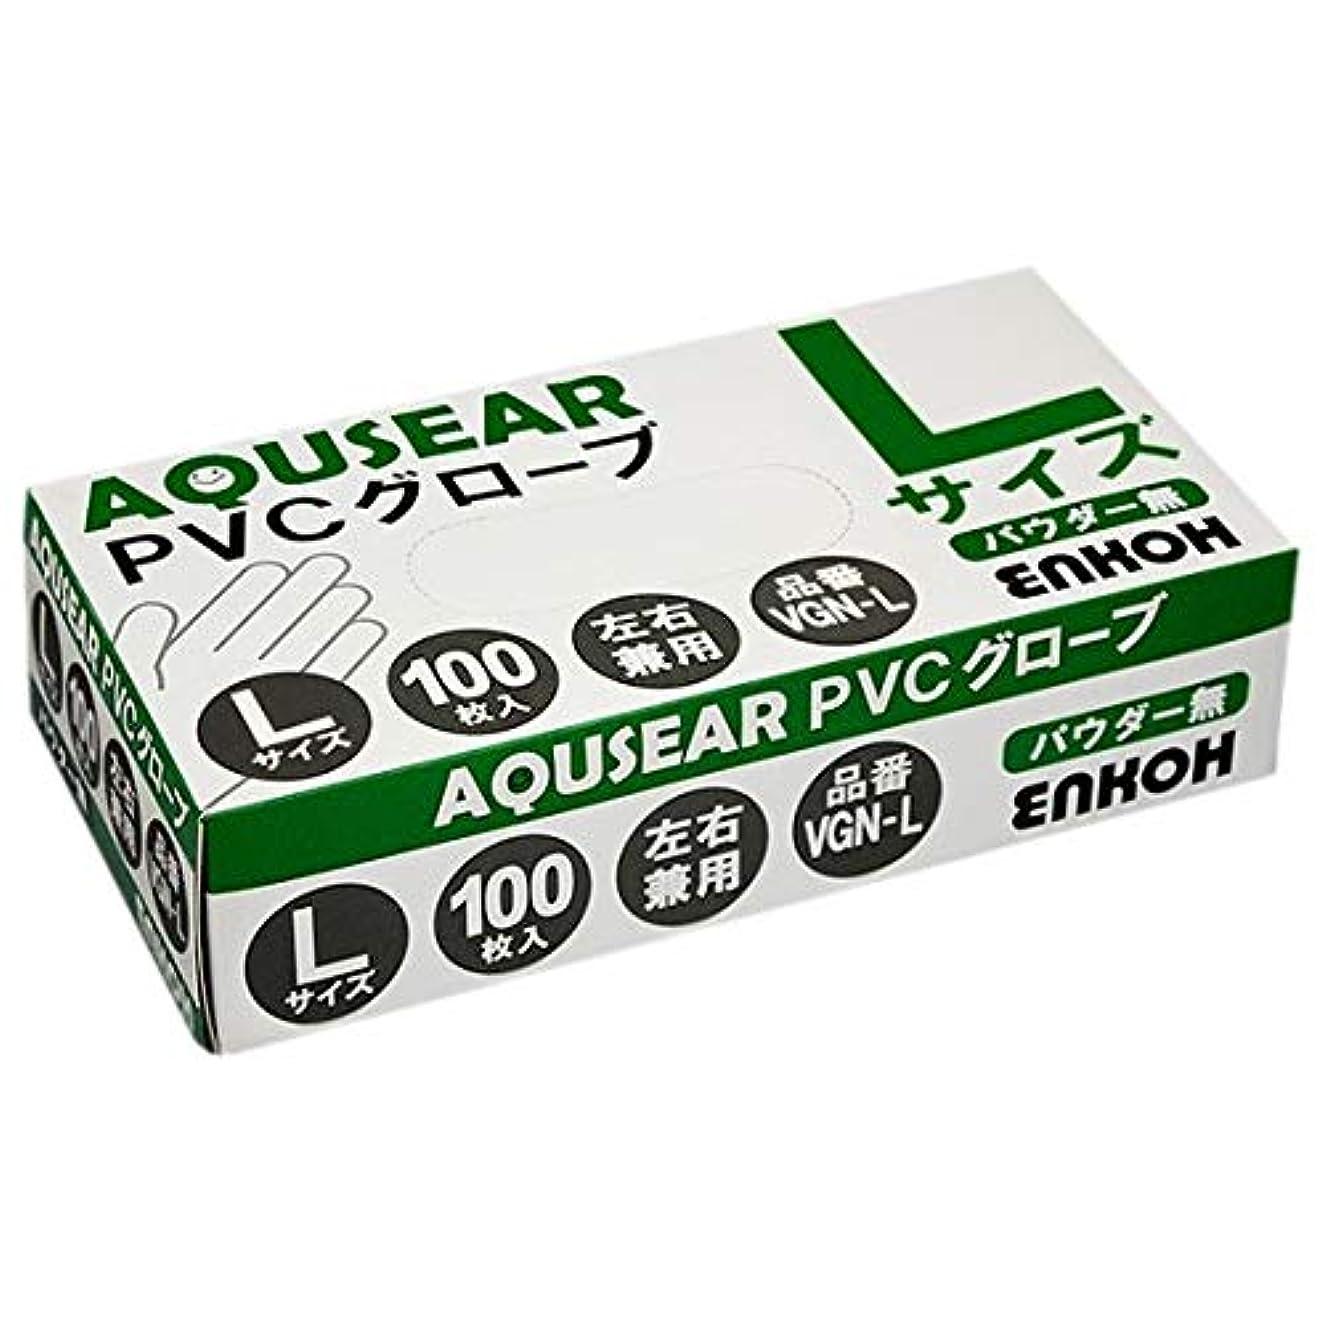 AQUSEAR PVC プラスチックグローブ Lサイズ パウダー無 VGN-L 100枚×20箱